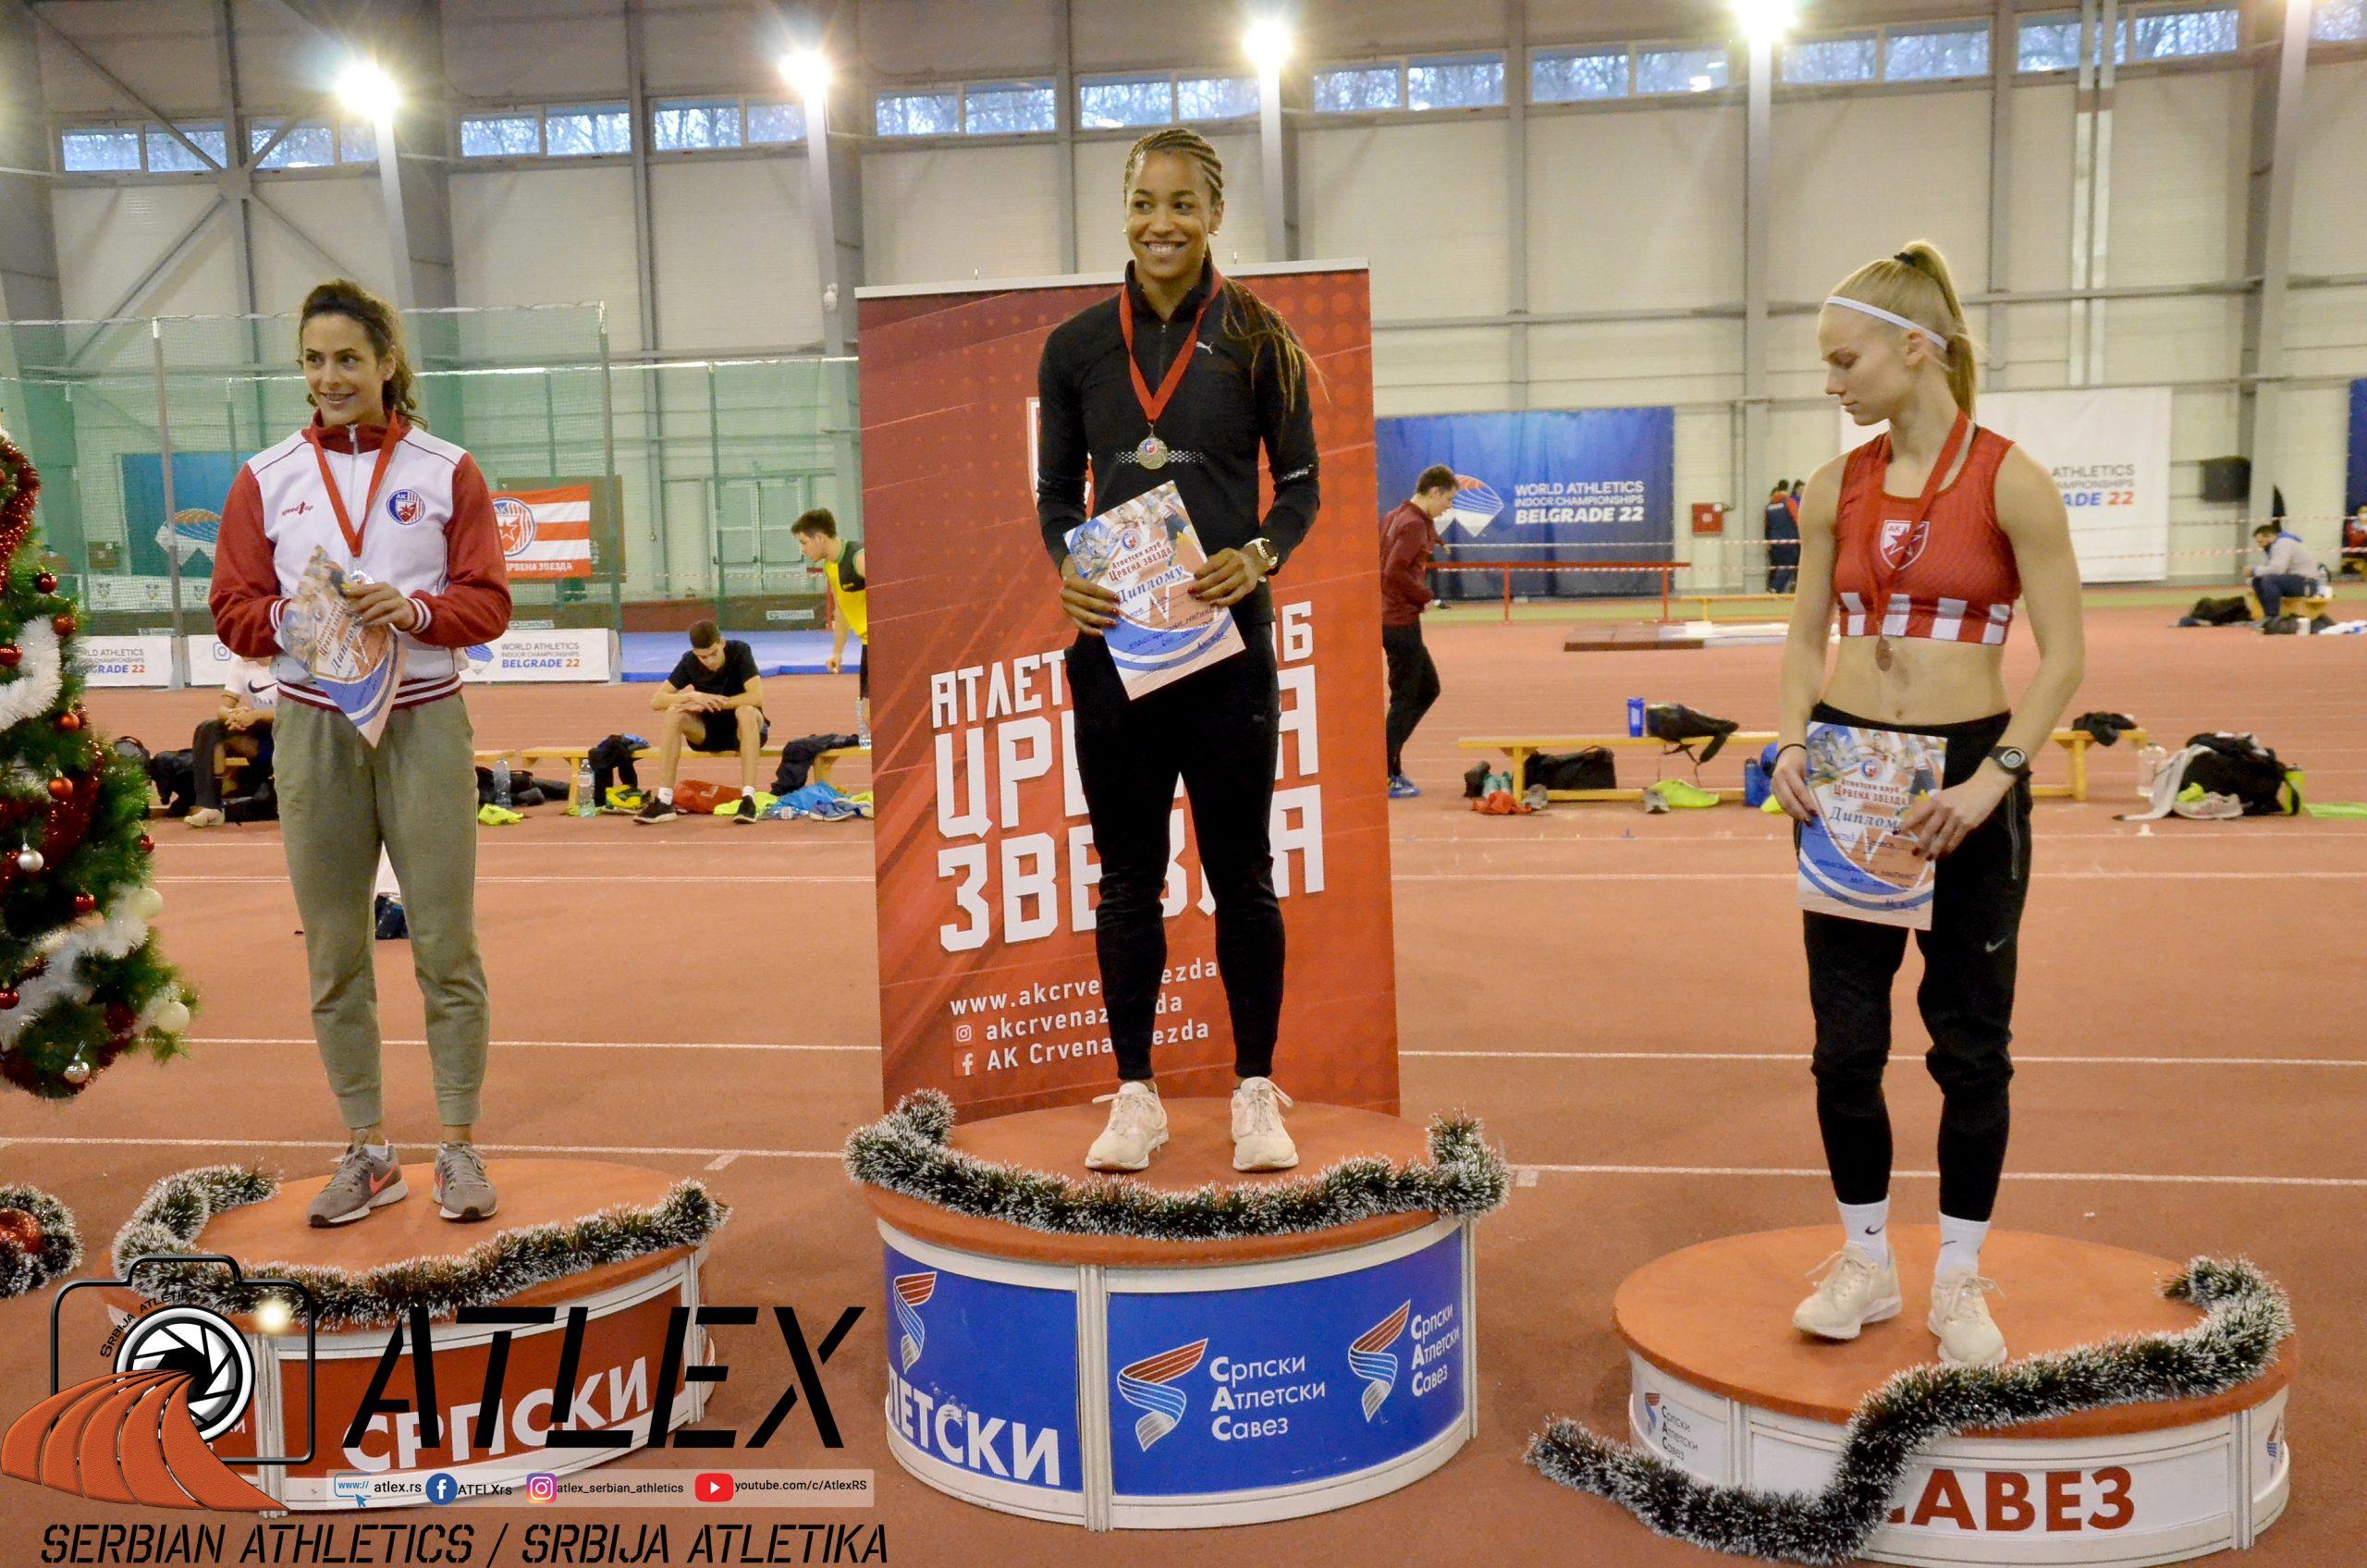 Salome, Tirnanić, Vuletić, Pobednice 60m, Novogodišnji miting Crvene zvezde 2020